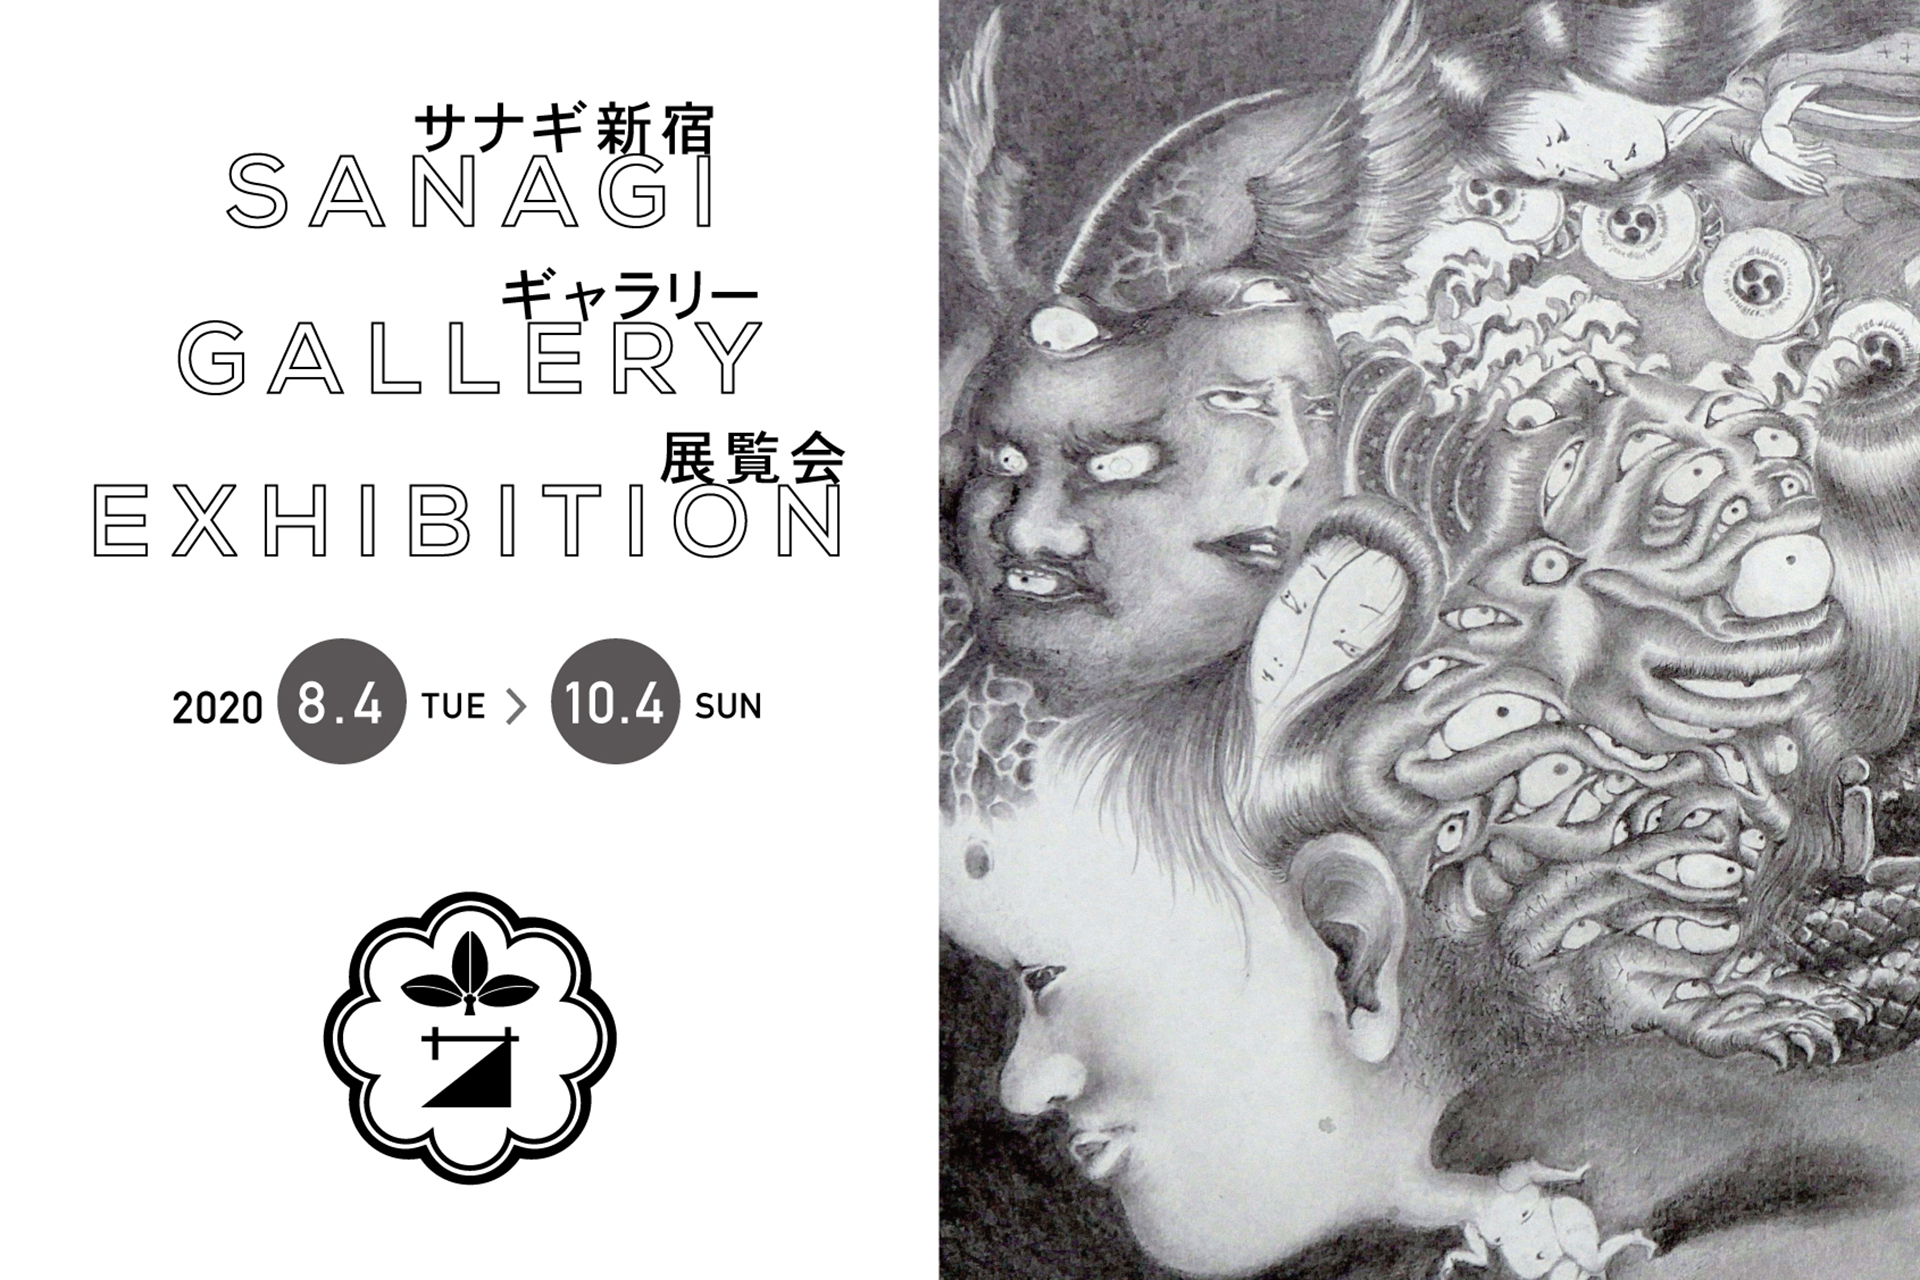 サナギ 新宿・monochrome2020 桜井智原画展